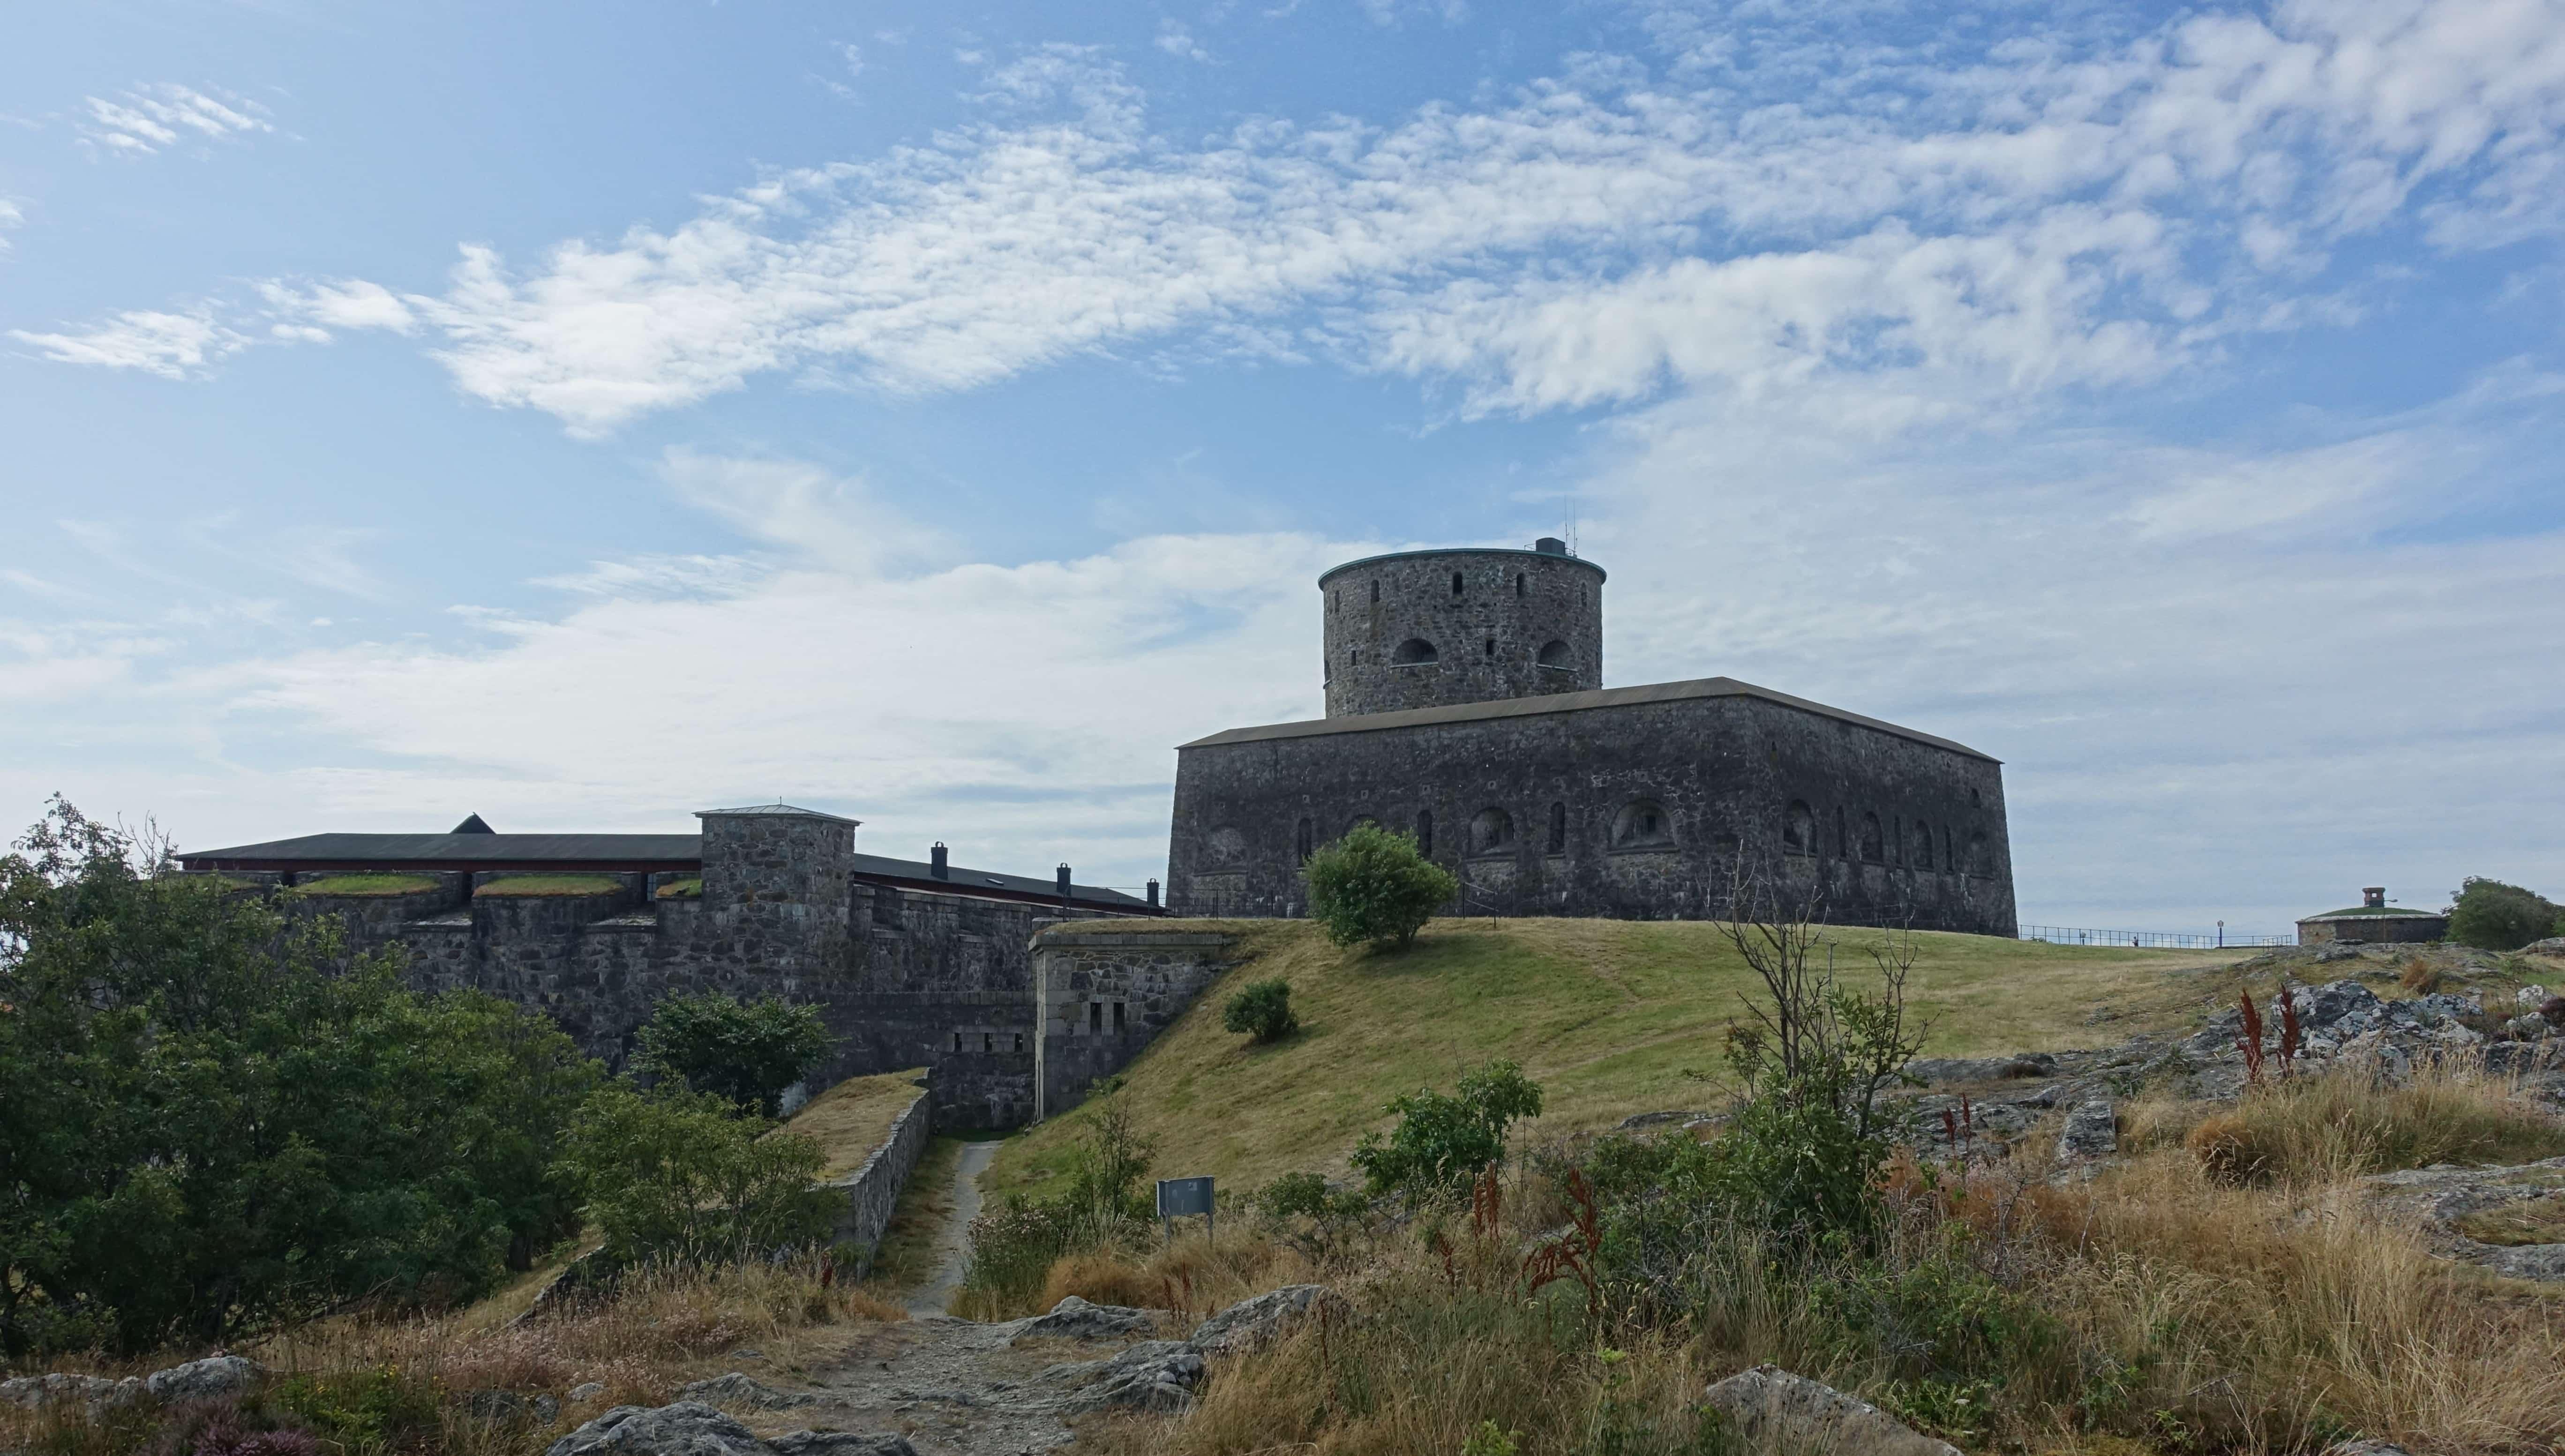 Die Festung Carlsten auf Marstrand. Hier finden im Sommer die berühmten Festspiele statt.